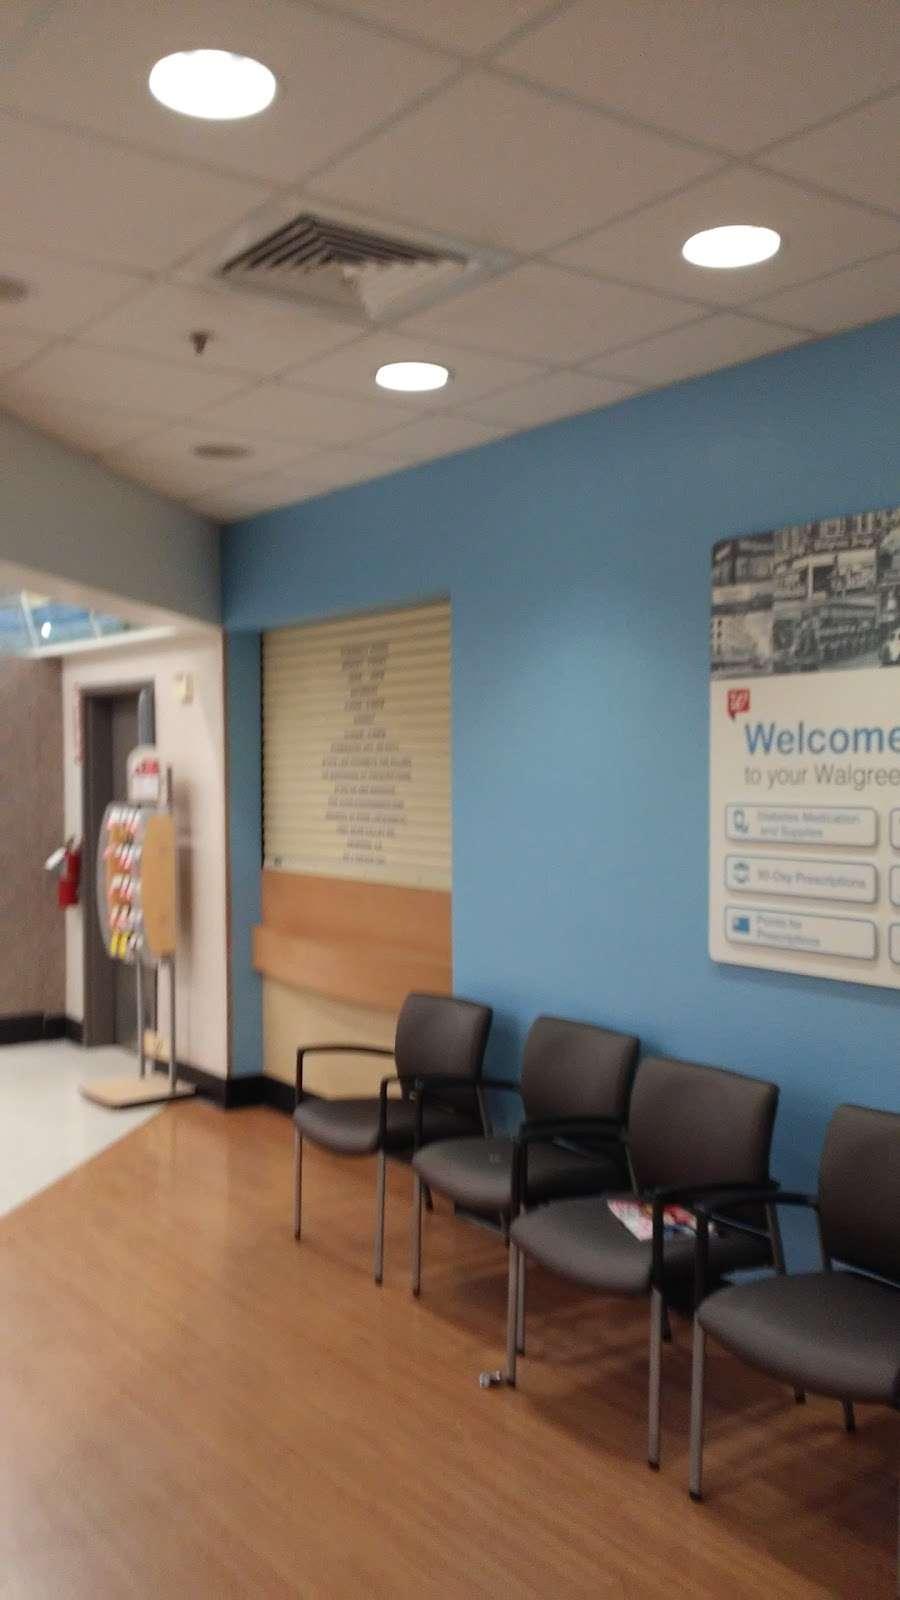 Walgreens Pharmacy - pharmacy  | Photo 2 of 6 | Address: 17383 Main St, Hesperia, CA 92345, USA | Phone: (760) 948-0481